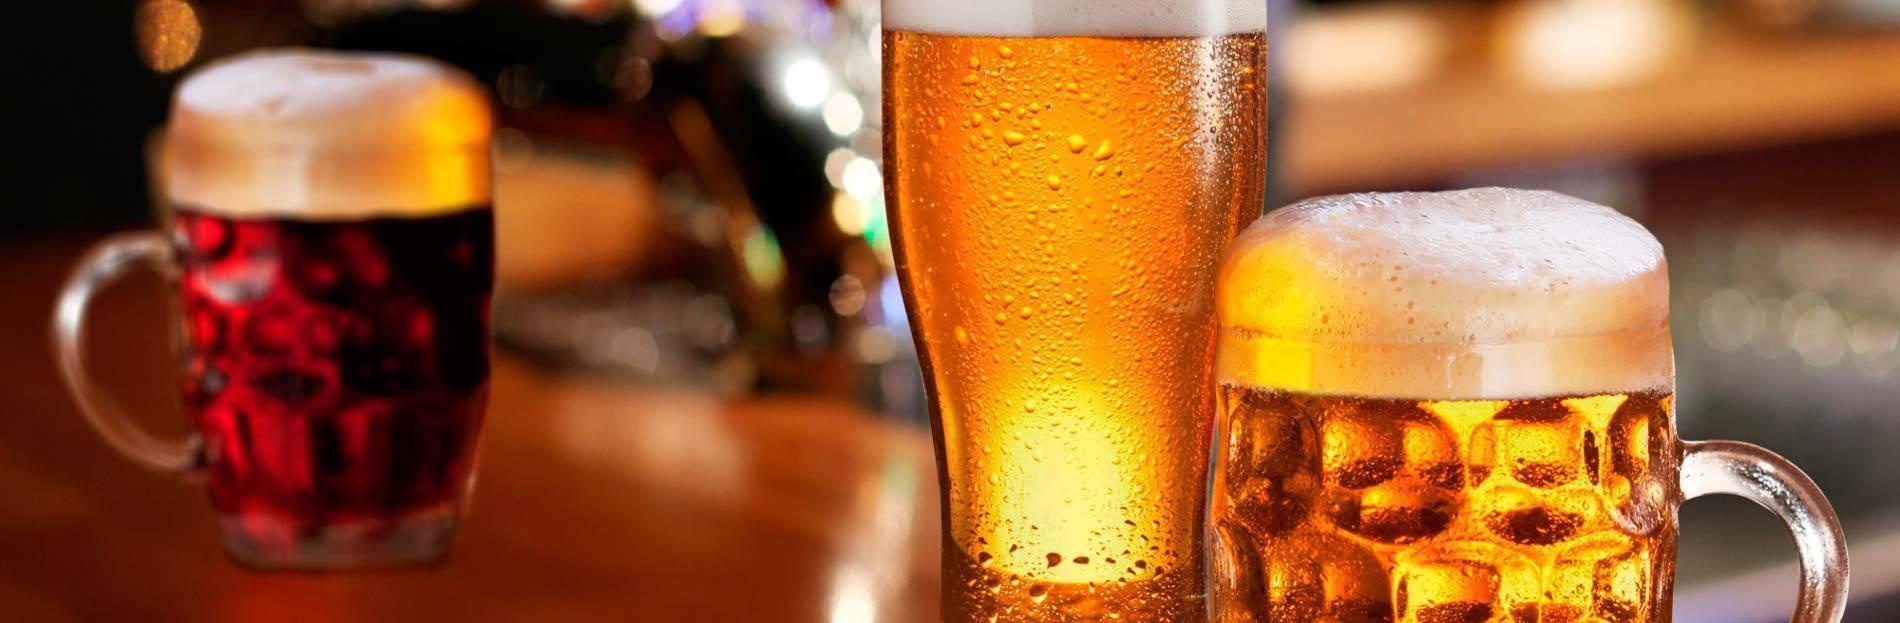 Можно ли пить пиво при повышенном давлении и какая дозировка не навредит организму